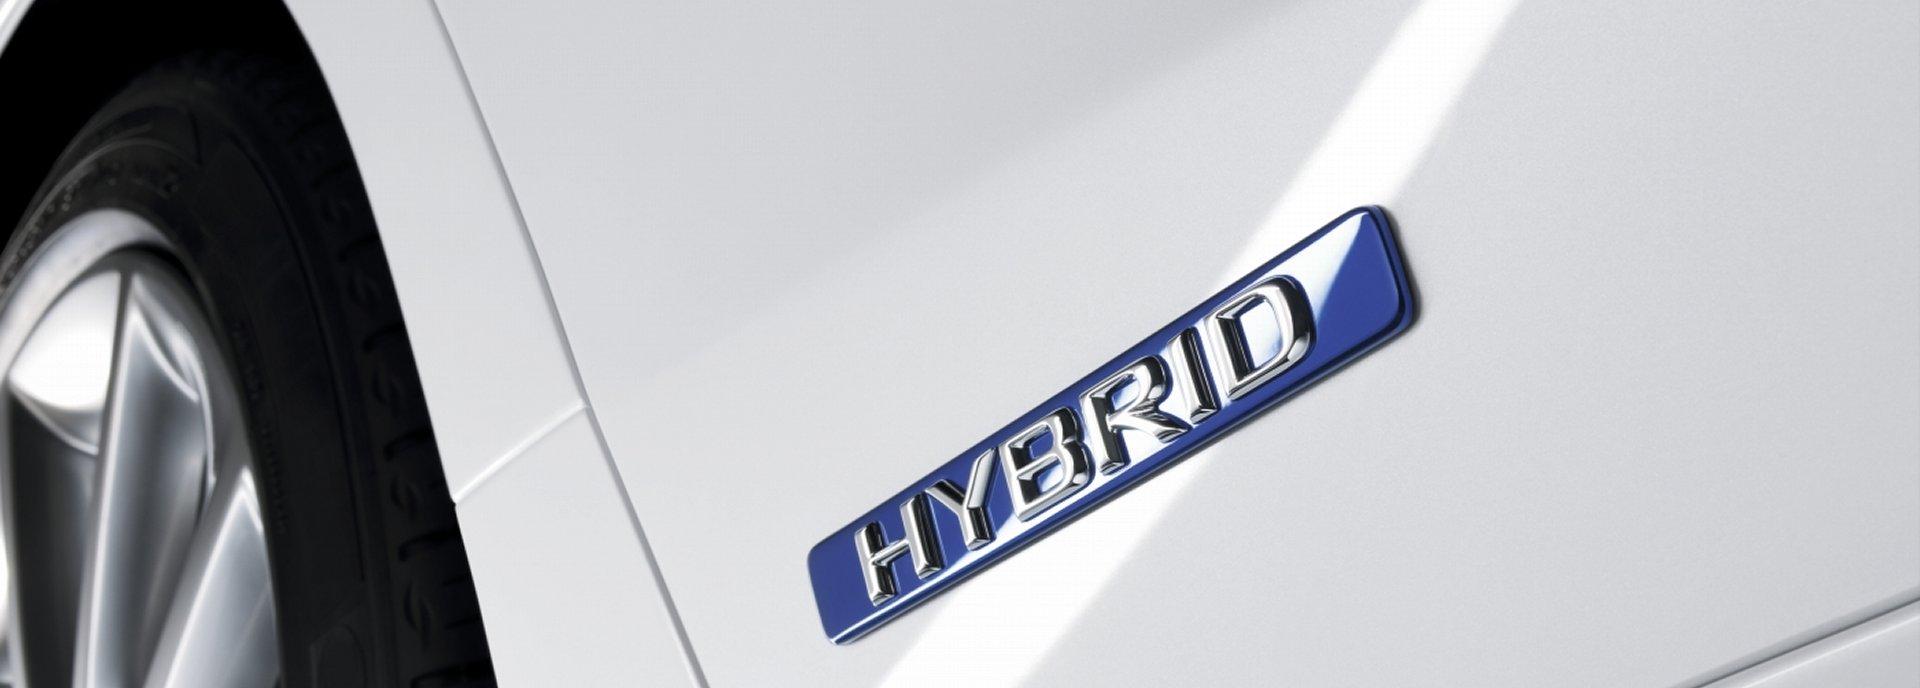 De hybride technologie